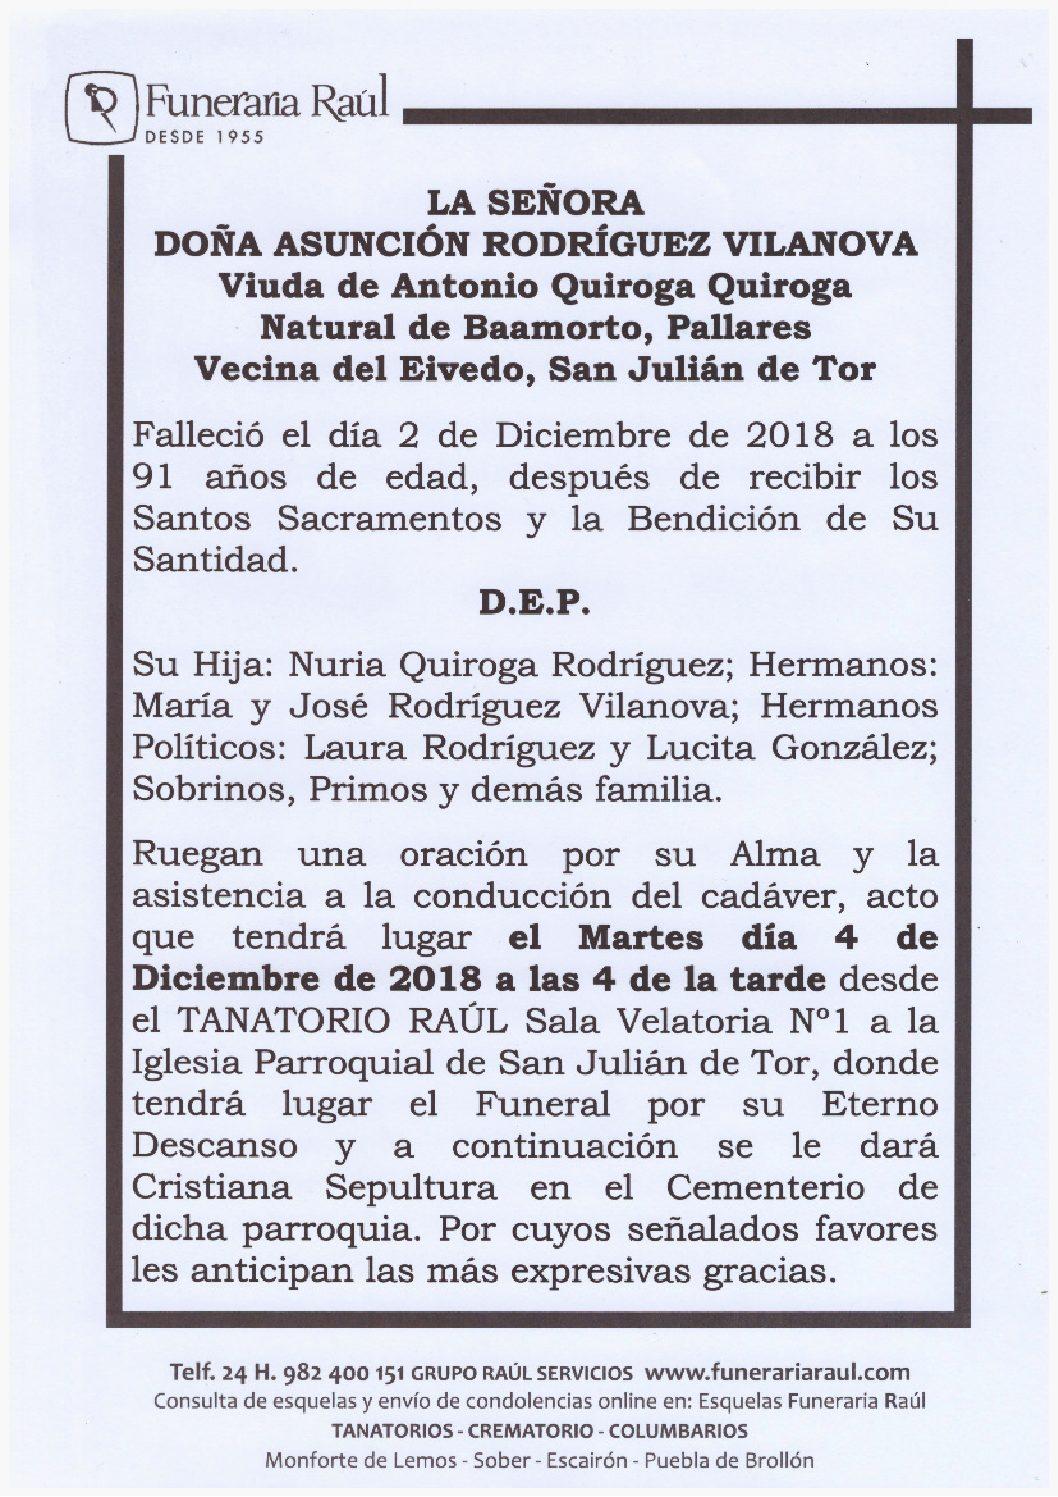 DOÑA ASUNCION RODRÍGUEZ VILANOVA